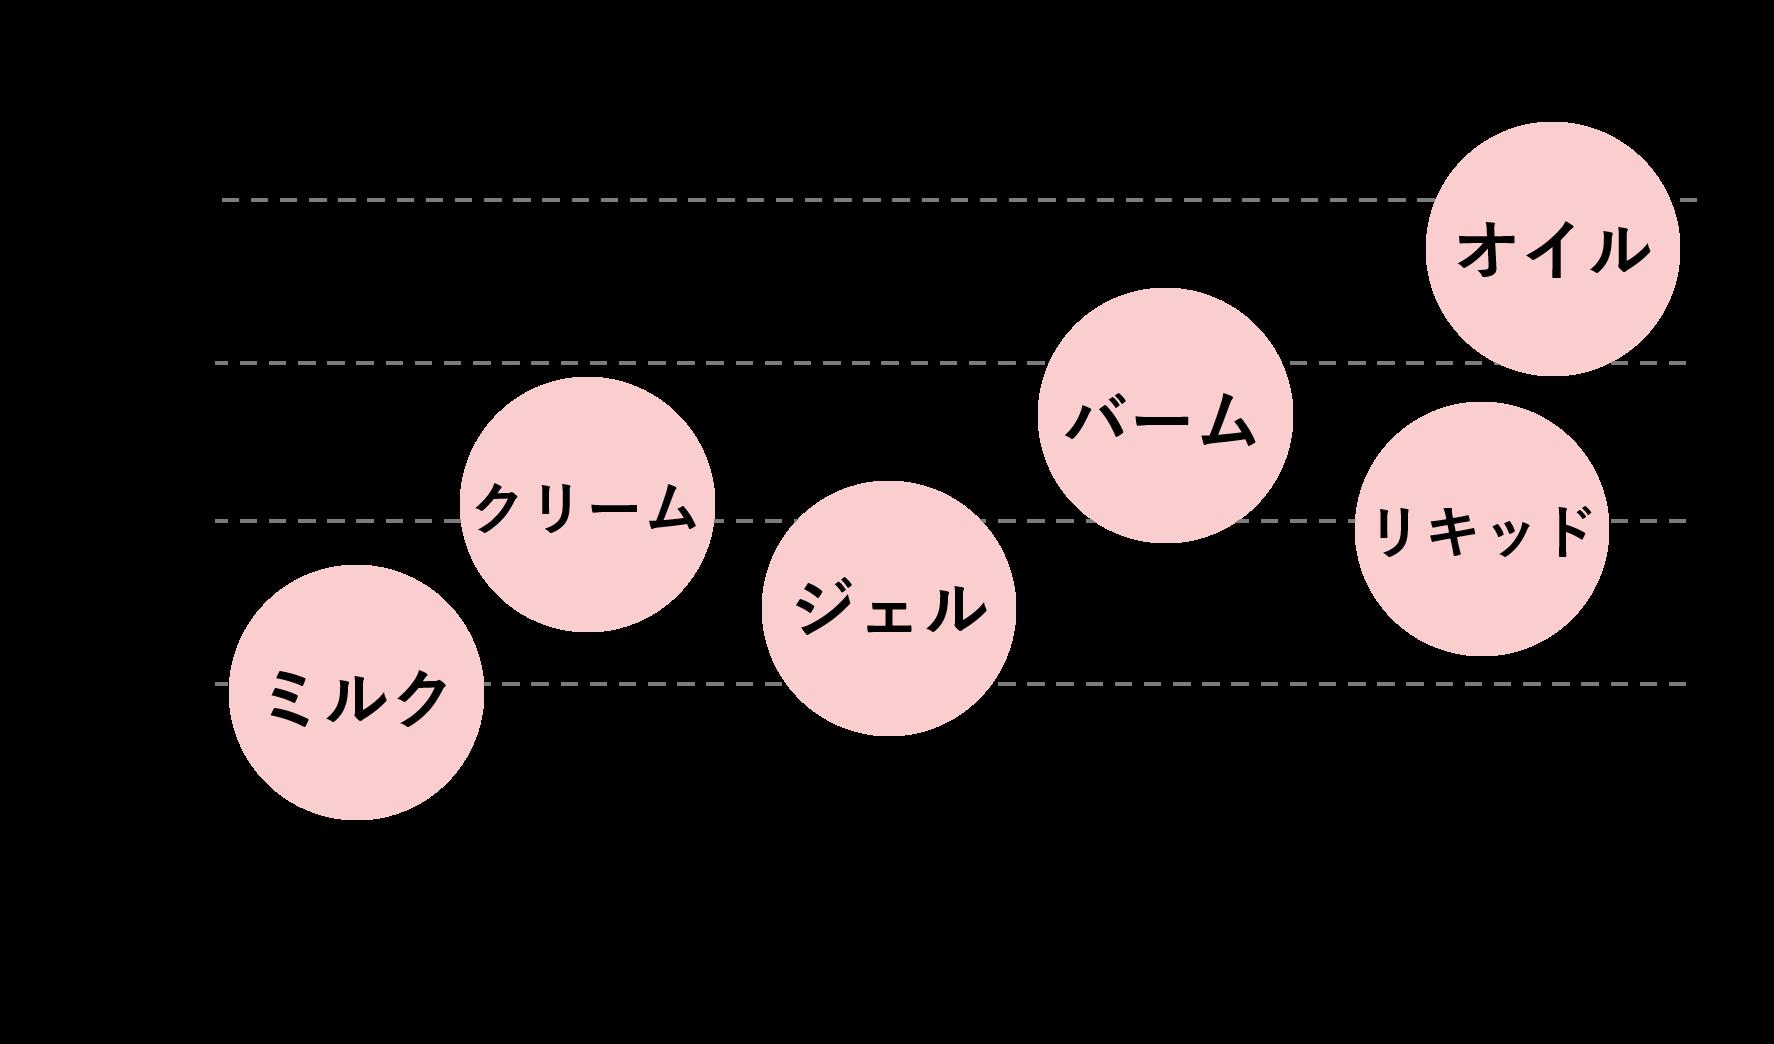 クレンジングの比較一覧表